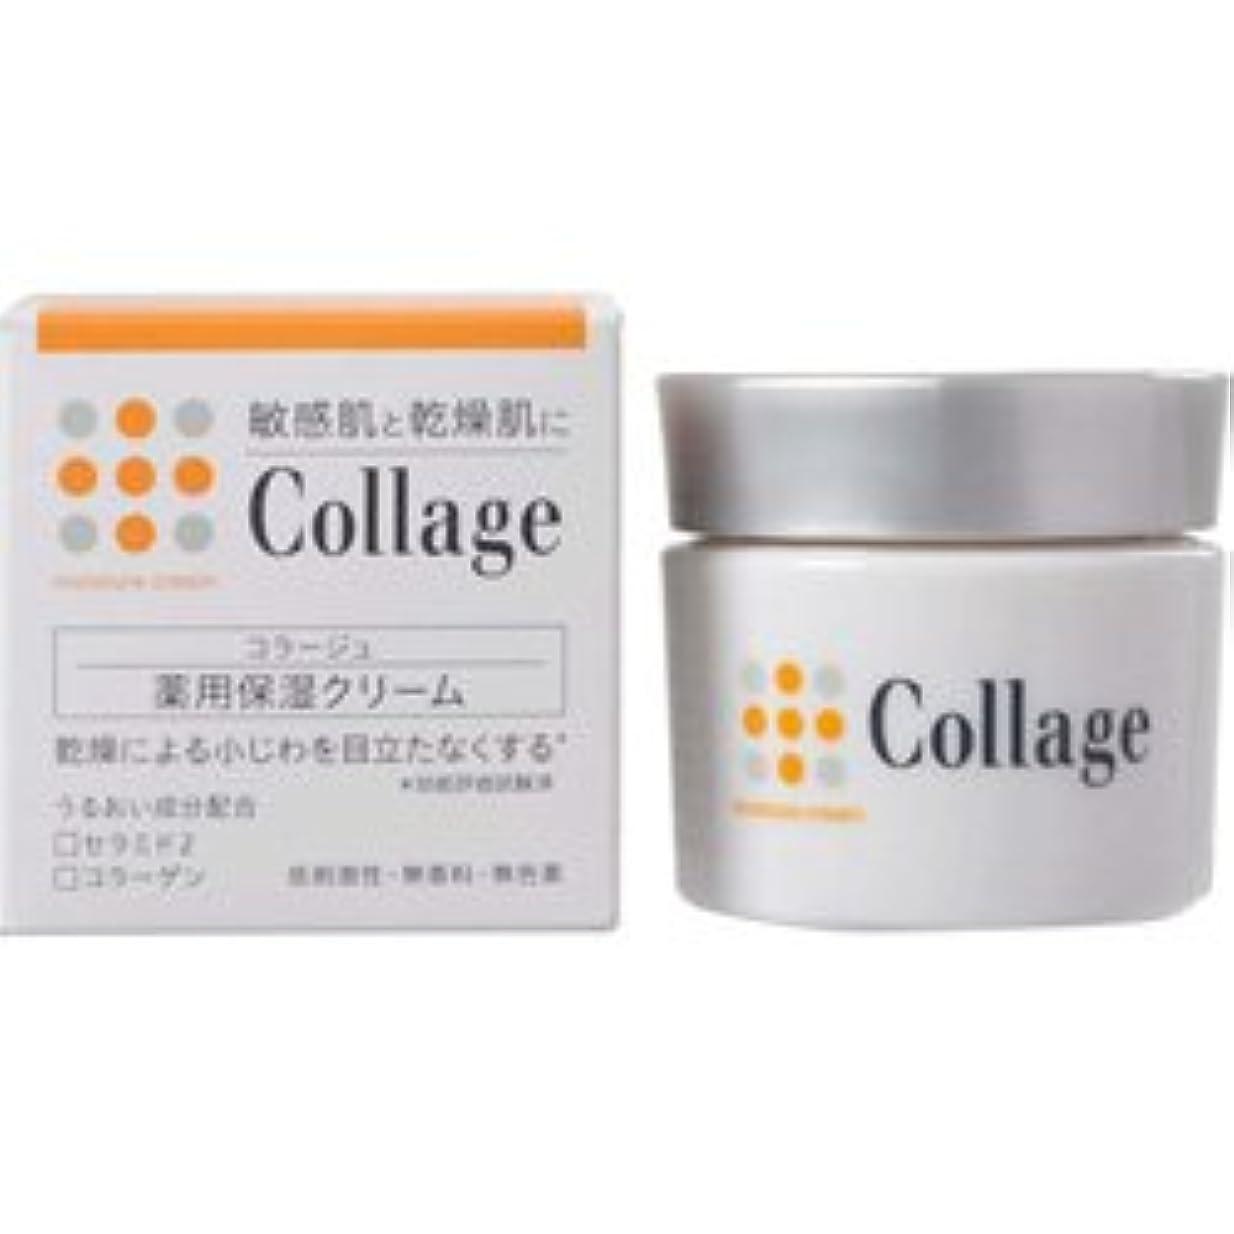 頼むしっかりシステム【持田ヘルスケア】 コラージュ薬用保湿クリーム 30g (医薬部外品) ×3個セット